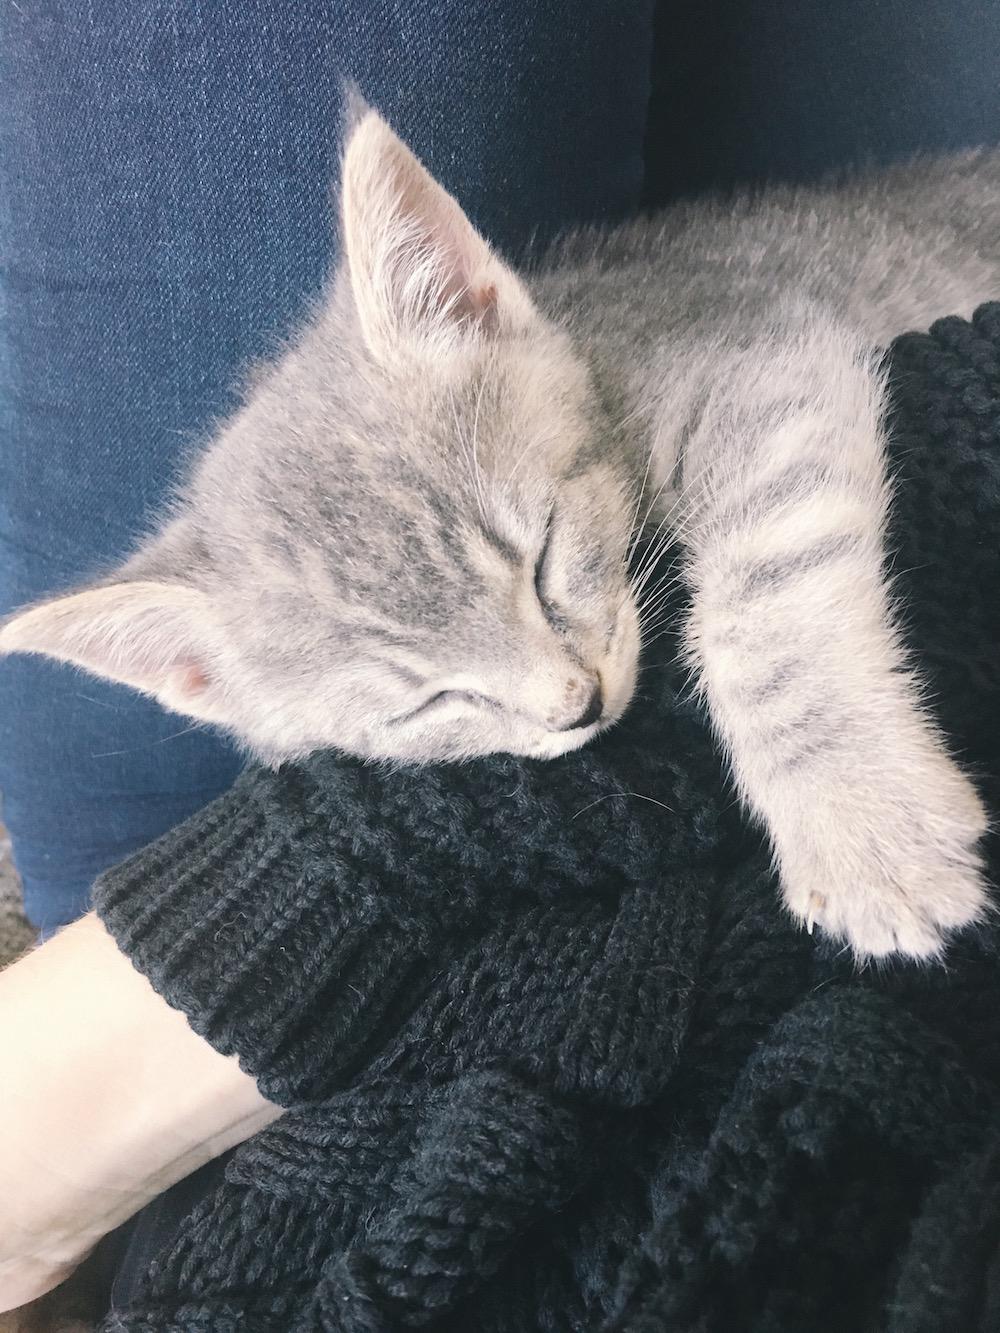 Grey tabby kitten asleep